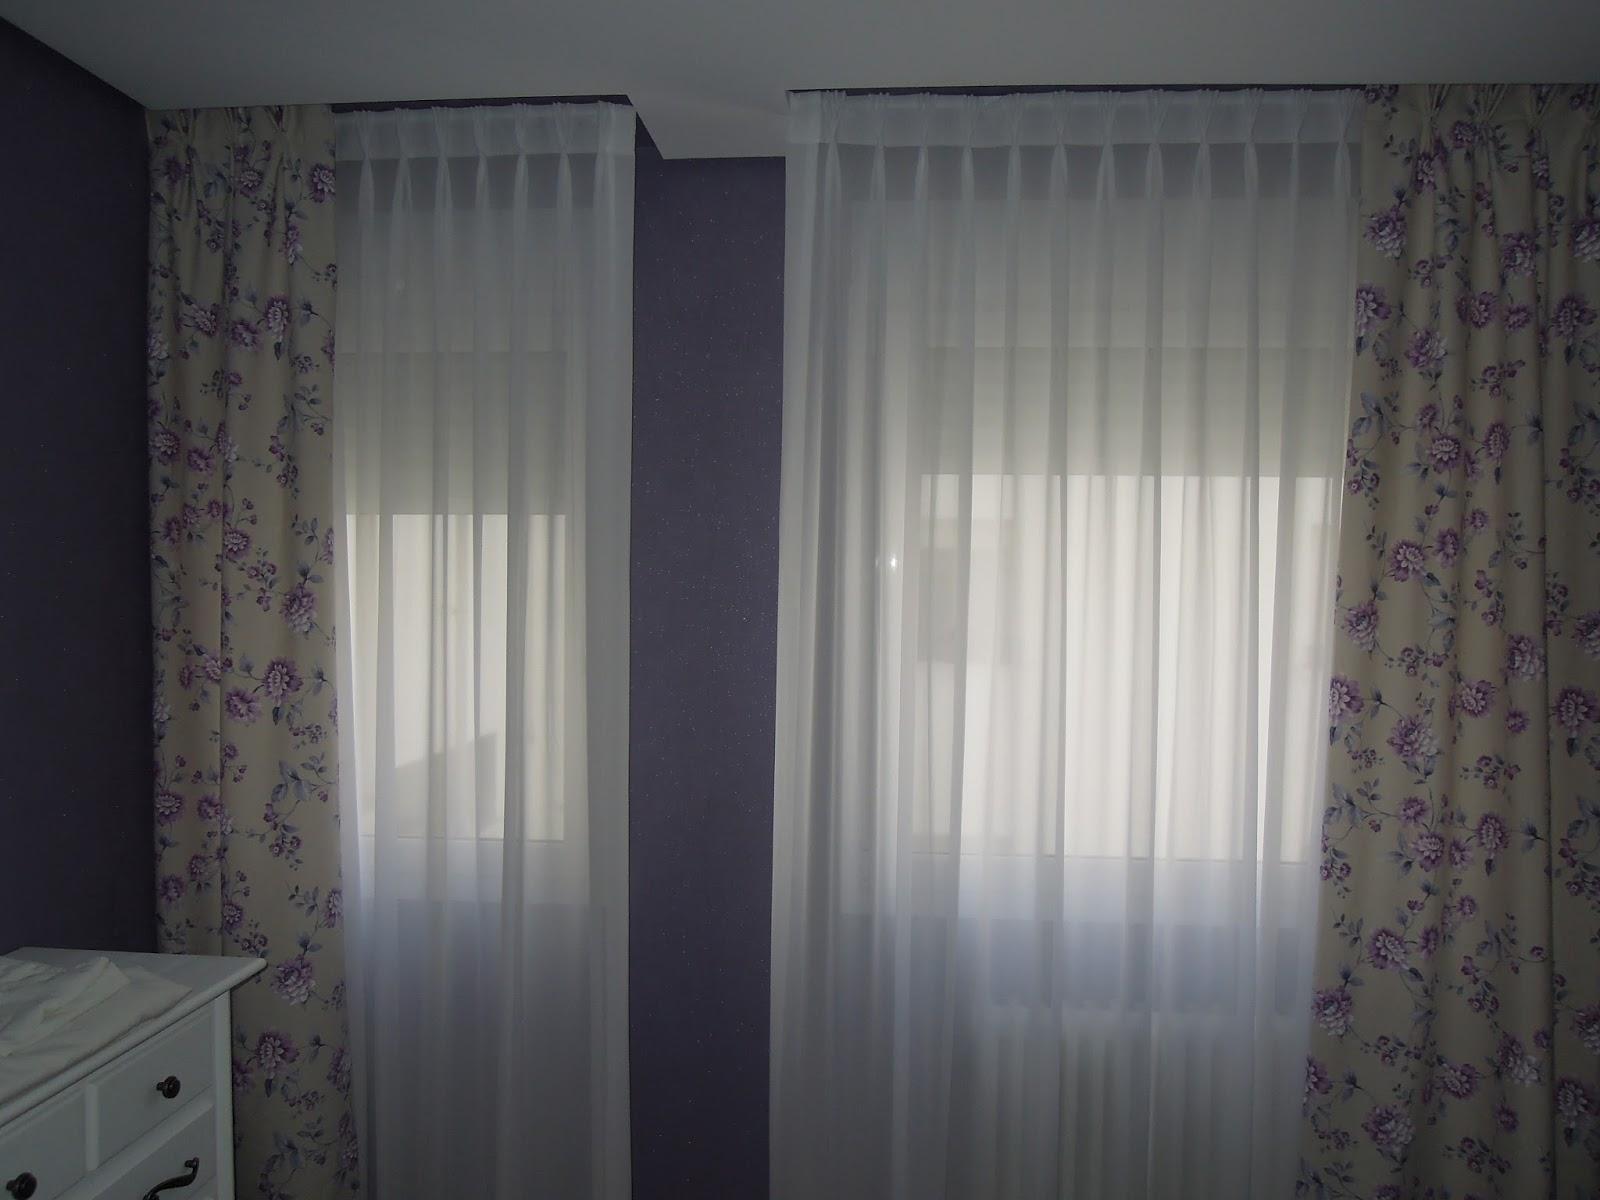 Fotos de cortinas julio 2016 for Poner ganchos cortinas